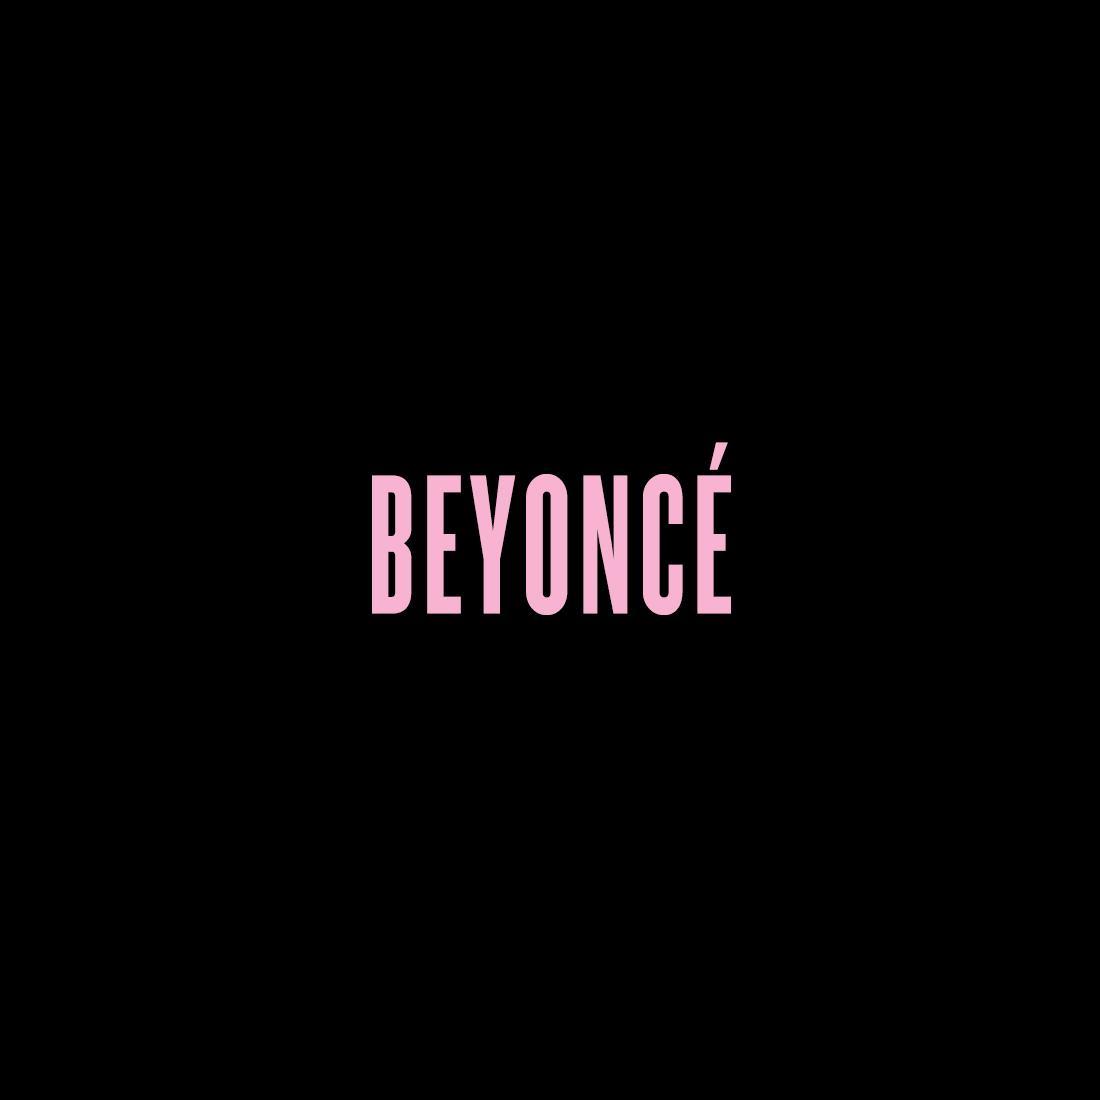 Beyoncealbumcover.jpg